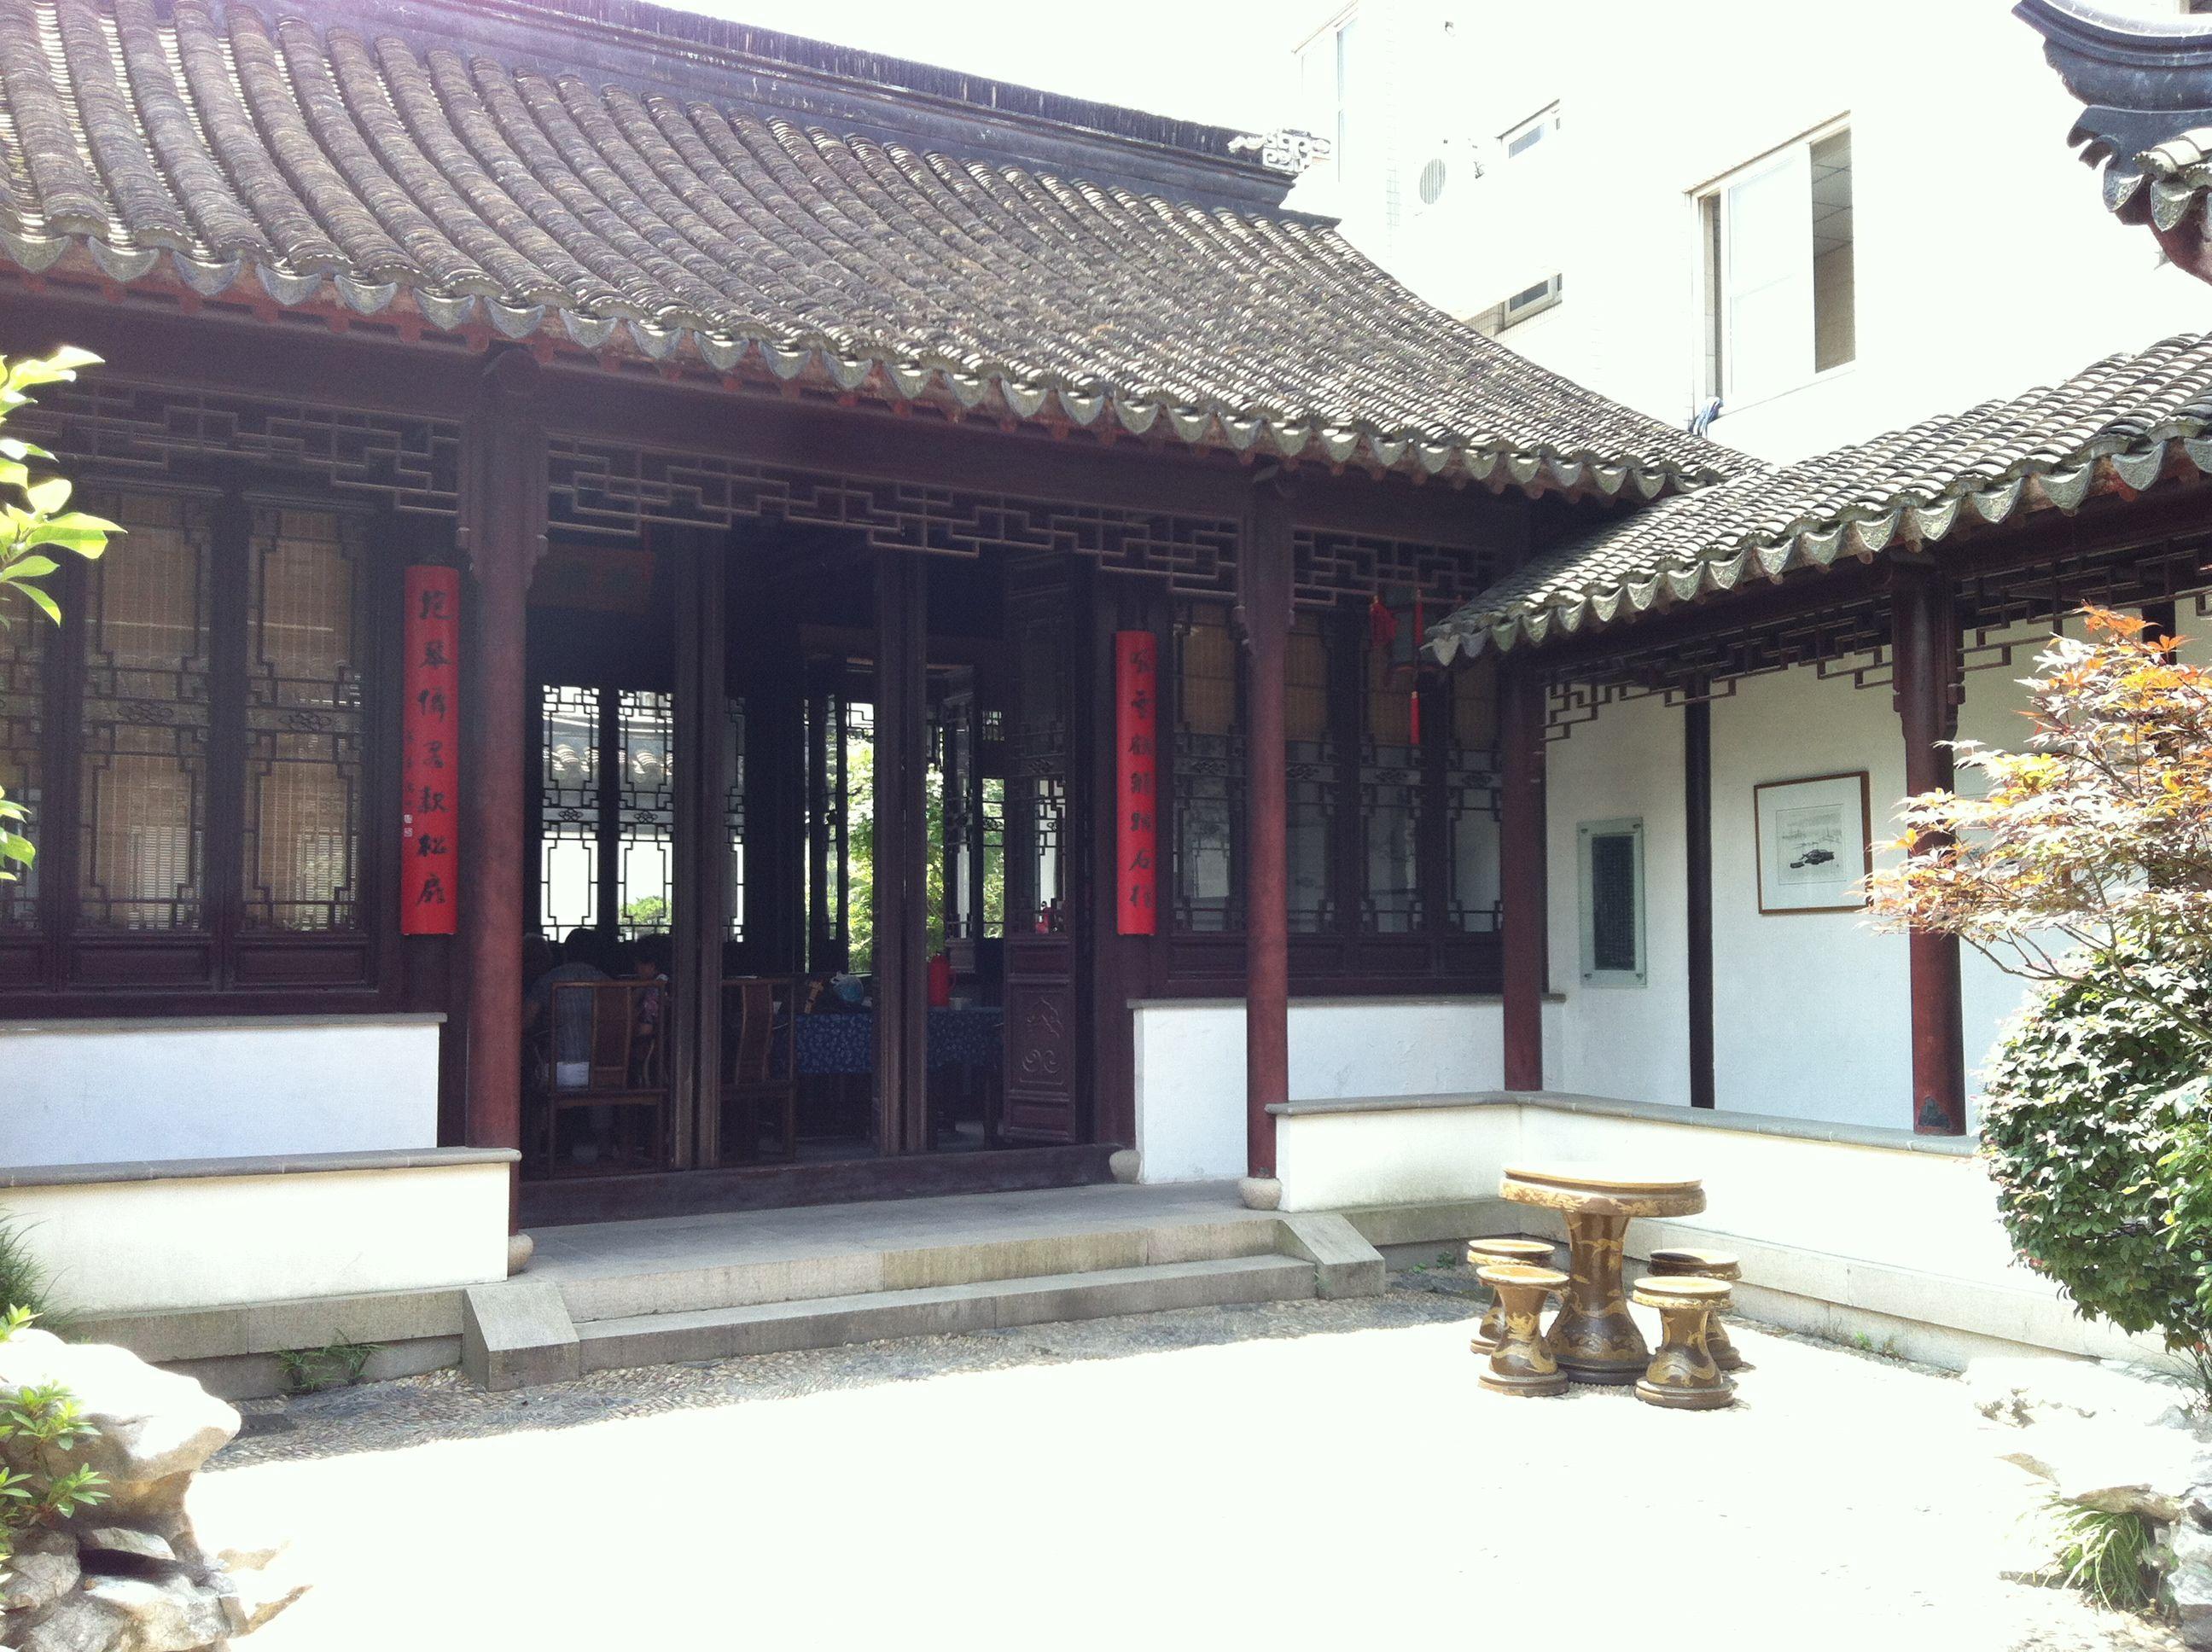 Shuzhou garden